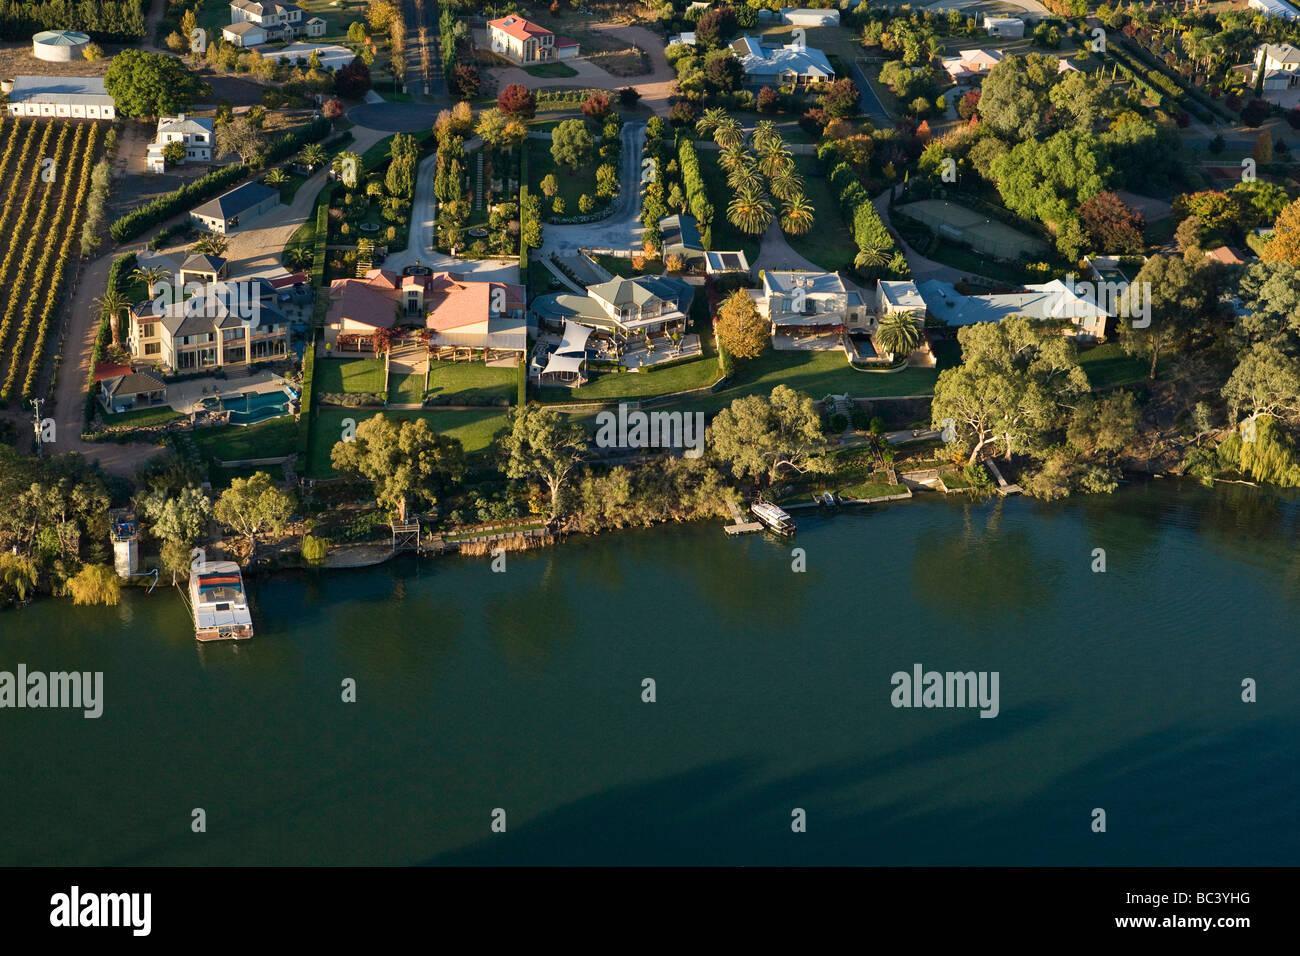 Ufergegendhäuser bei Gol Gol ein Einkaufszentrum Stadt in New South ...